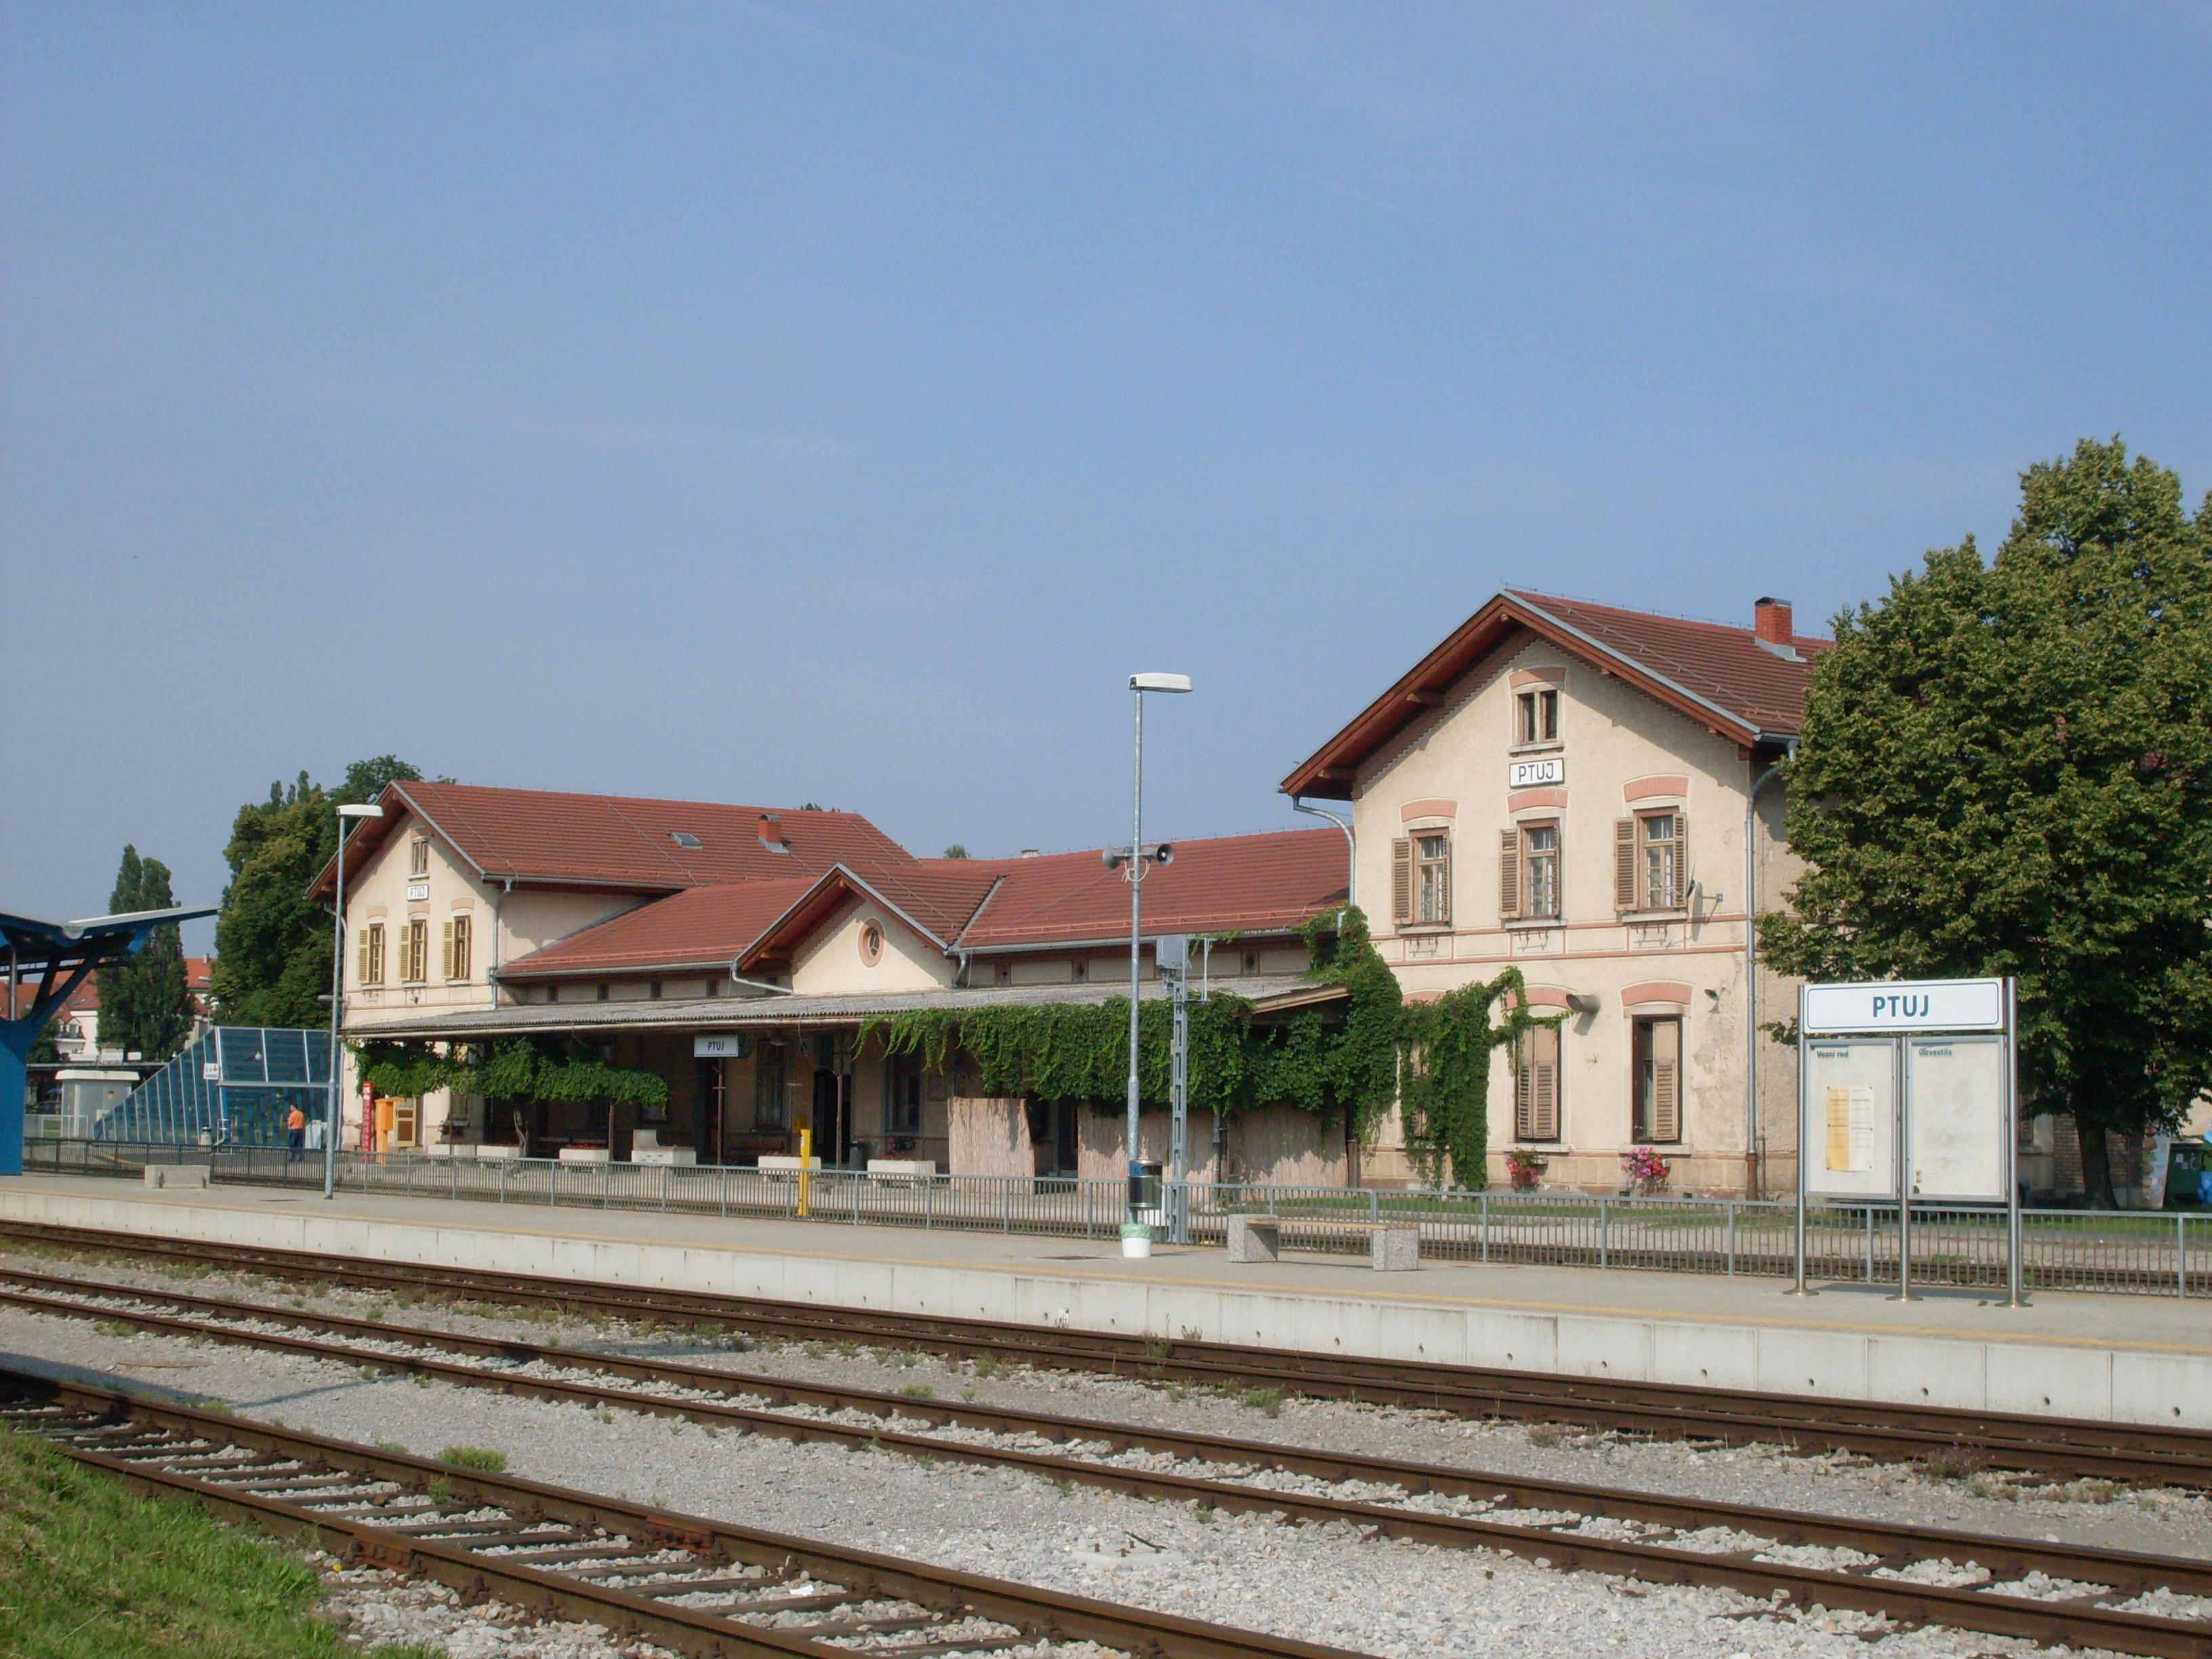 Štajerska dobiva drugi tir in nadgradnjo železniške proge do Šentilja